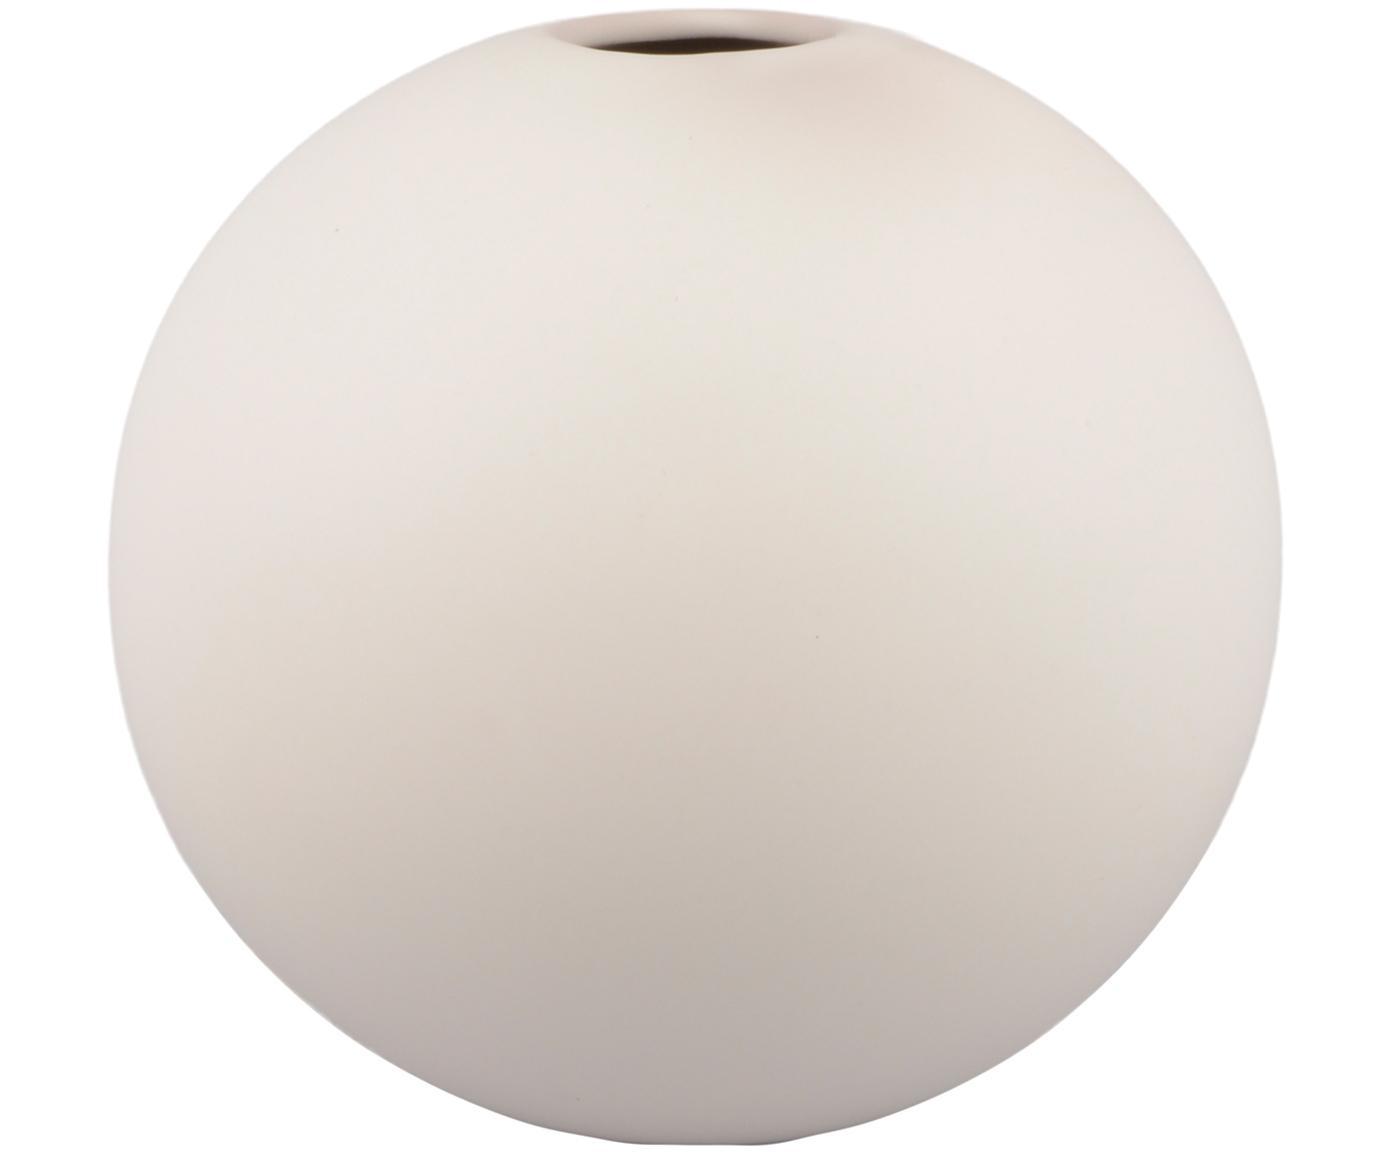 Vaso a sfera in ceramica Rita, Ceramica, Bianco, Ø 12 x Alt. 12 cm